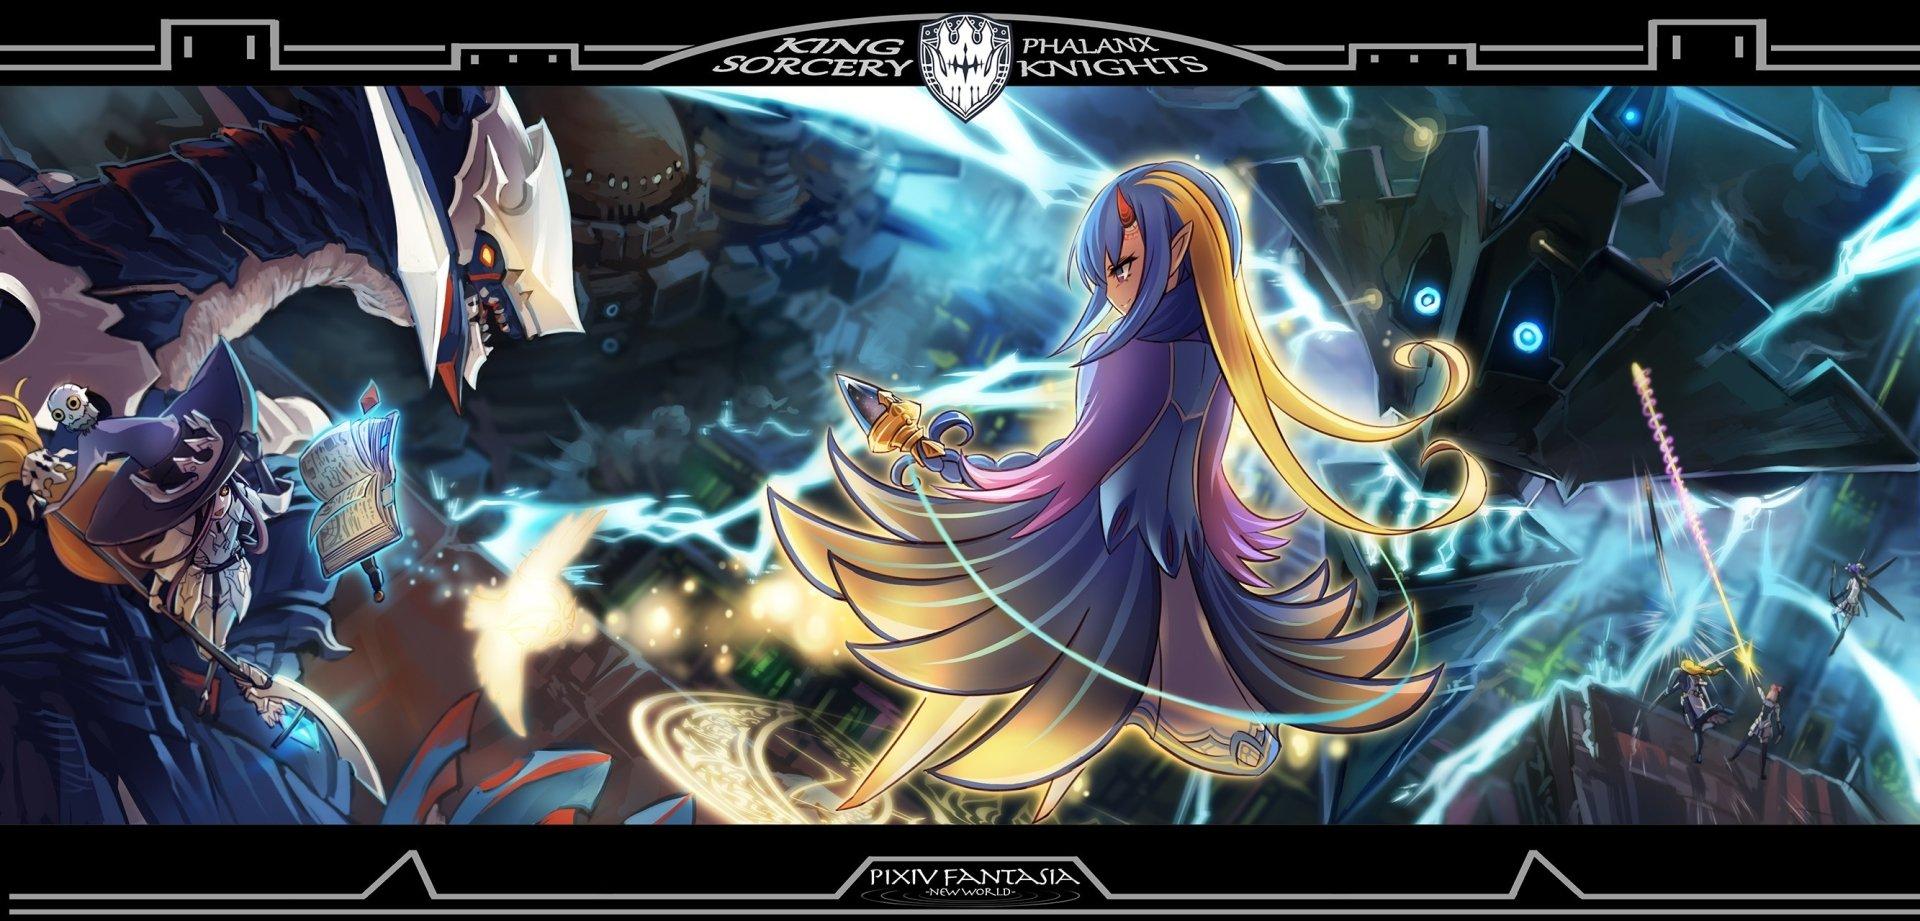 Pixiv Fantasia: New World 高清壁紙   桌面背景   2667x1280   ID:561499 - Wallpaper Abyss